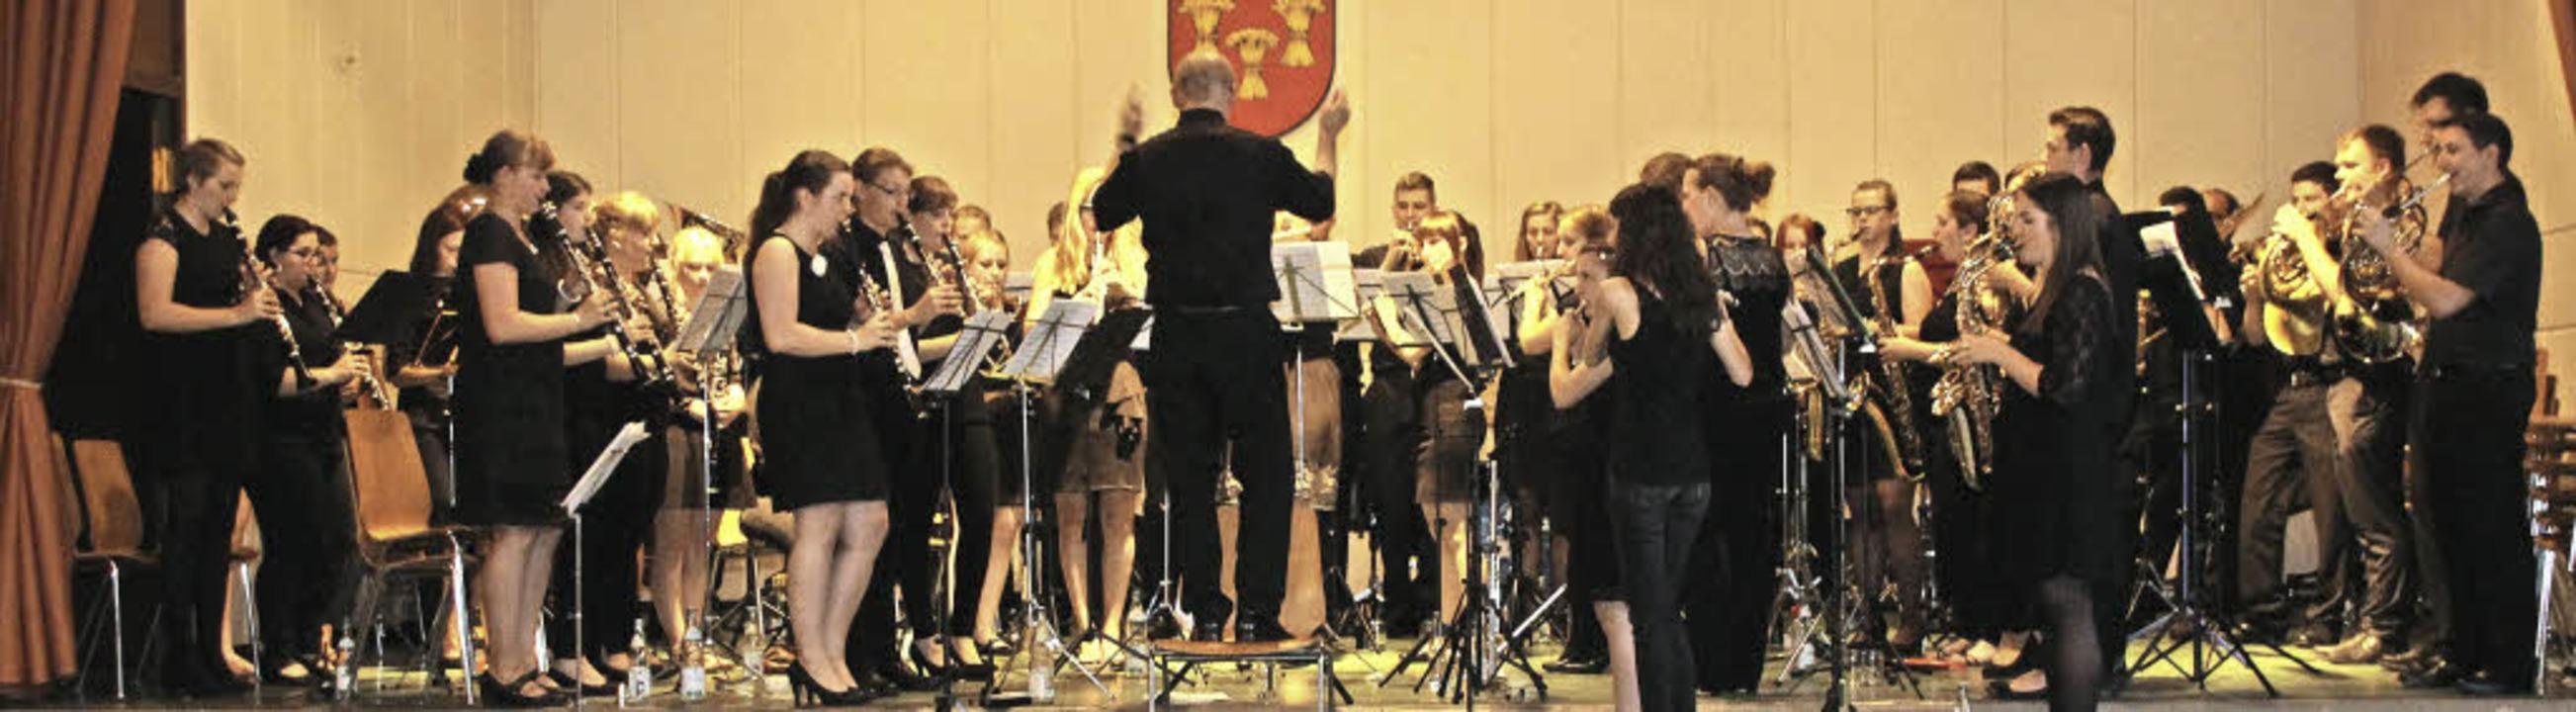 Um Platz für alle Jungmusiker zu schaf...ollbach  auch mal im Stehen musiziert.  | Foto: Cremer